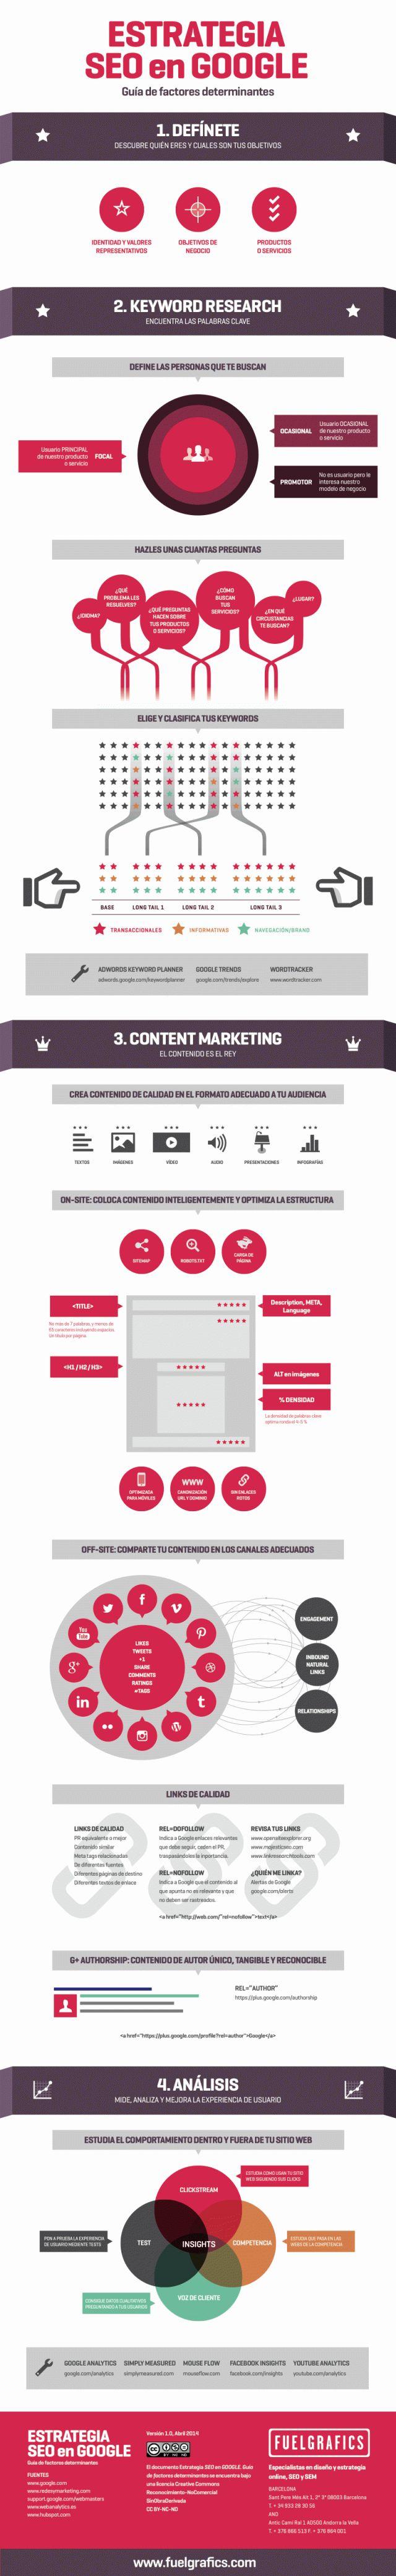 #SEO #webdesign #Google - Estrategia SEO en Google